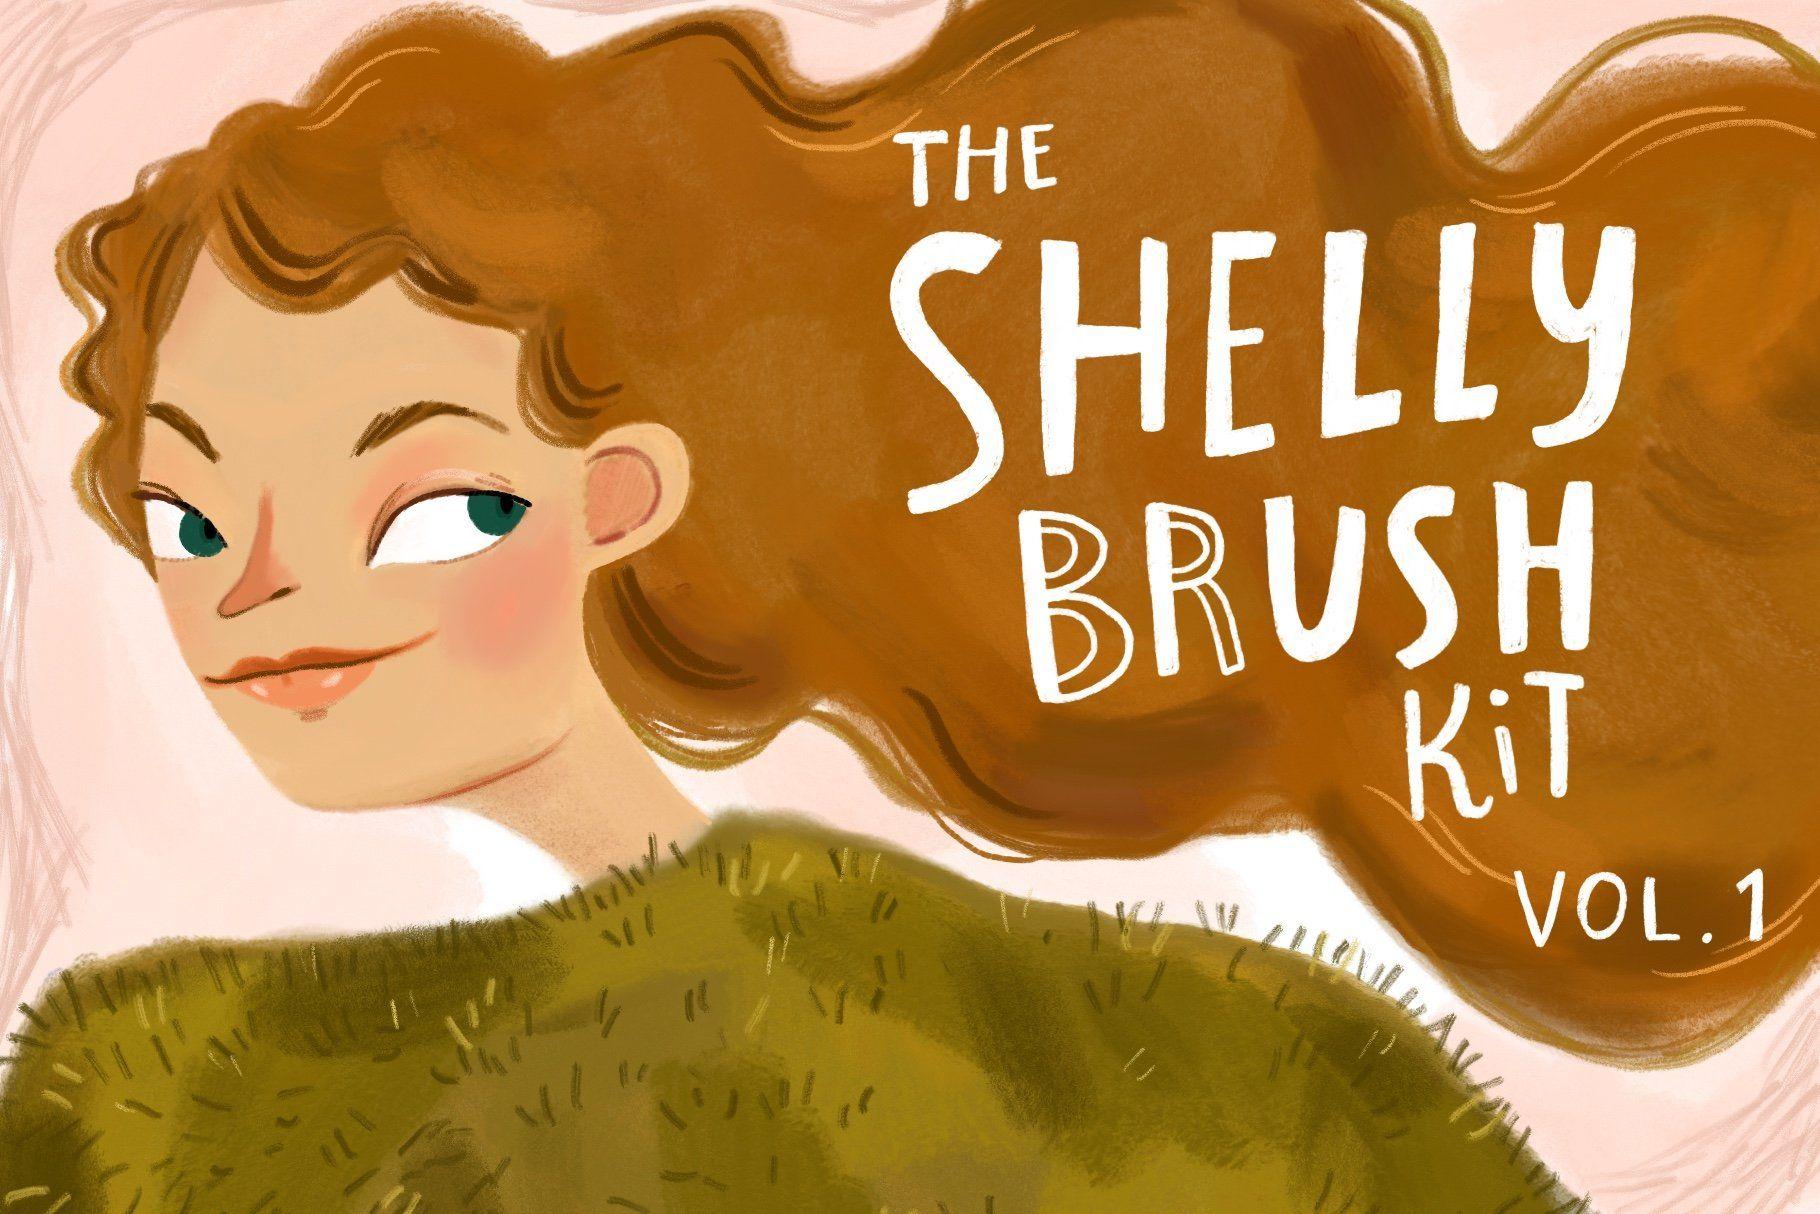 Shellybrush Kit Procreate Brushes 1 Best Photoshop Actions